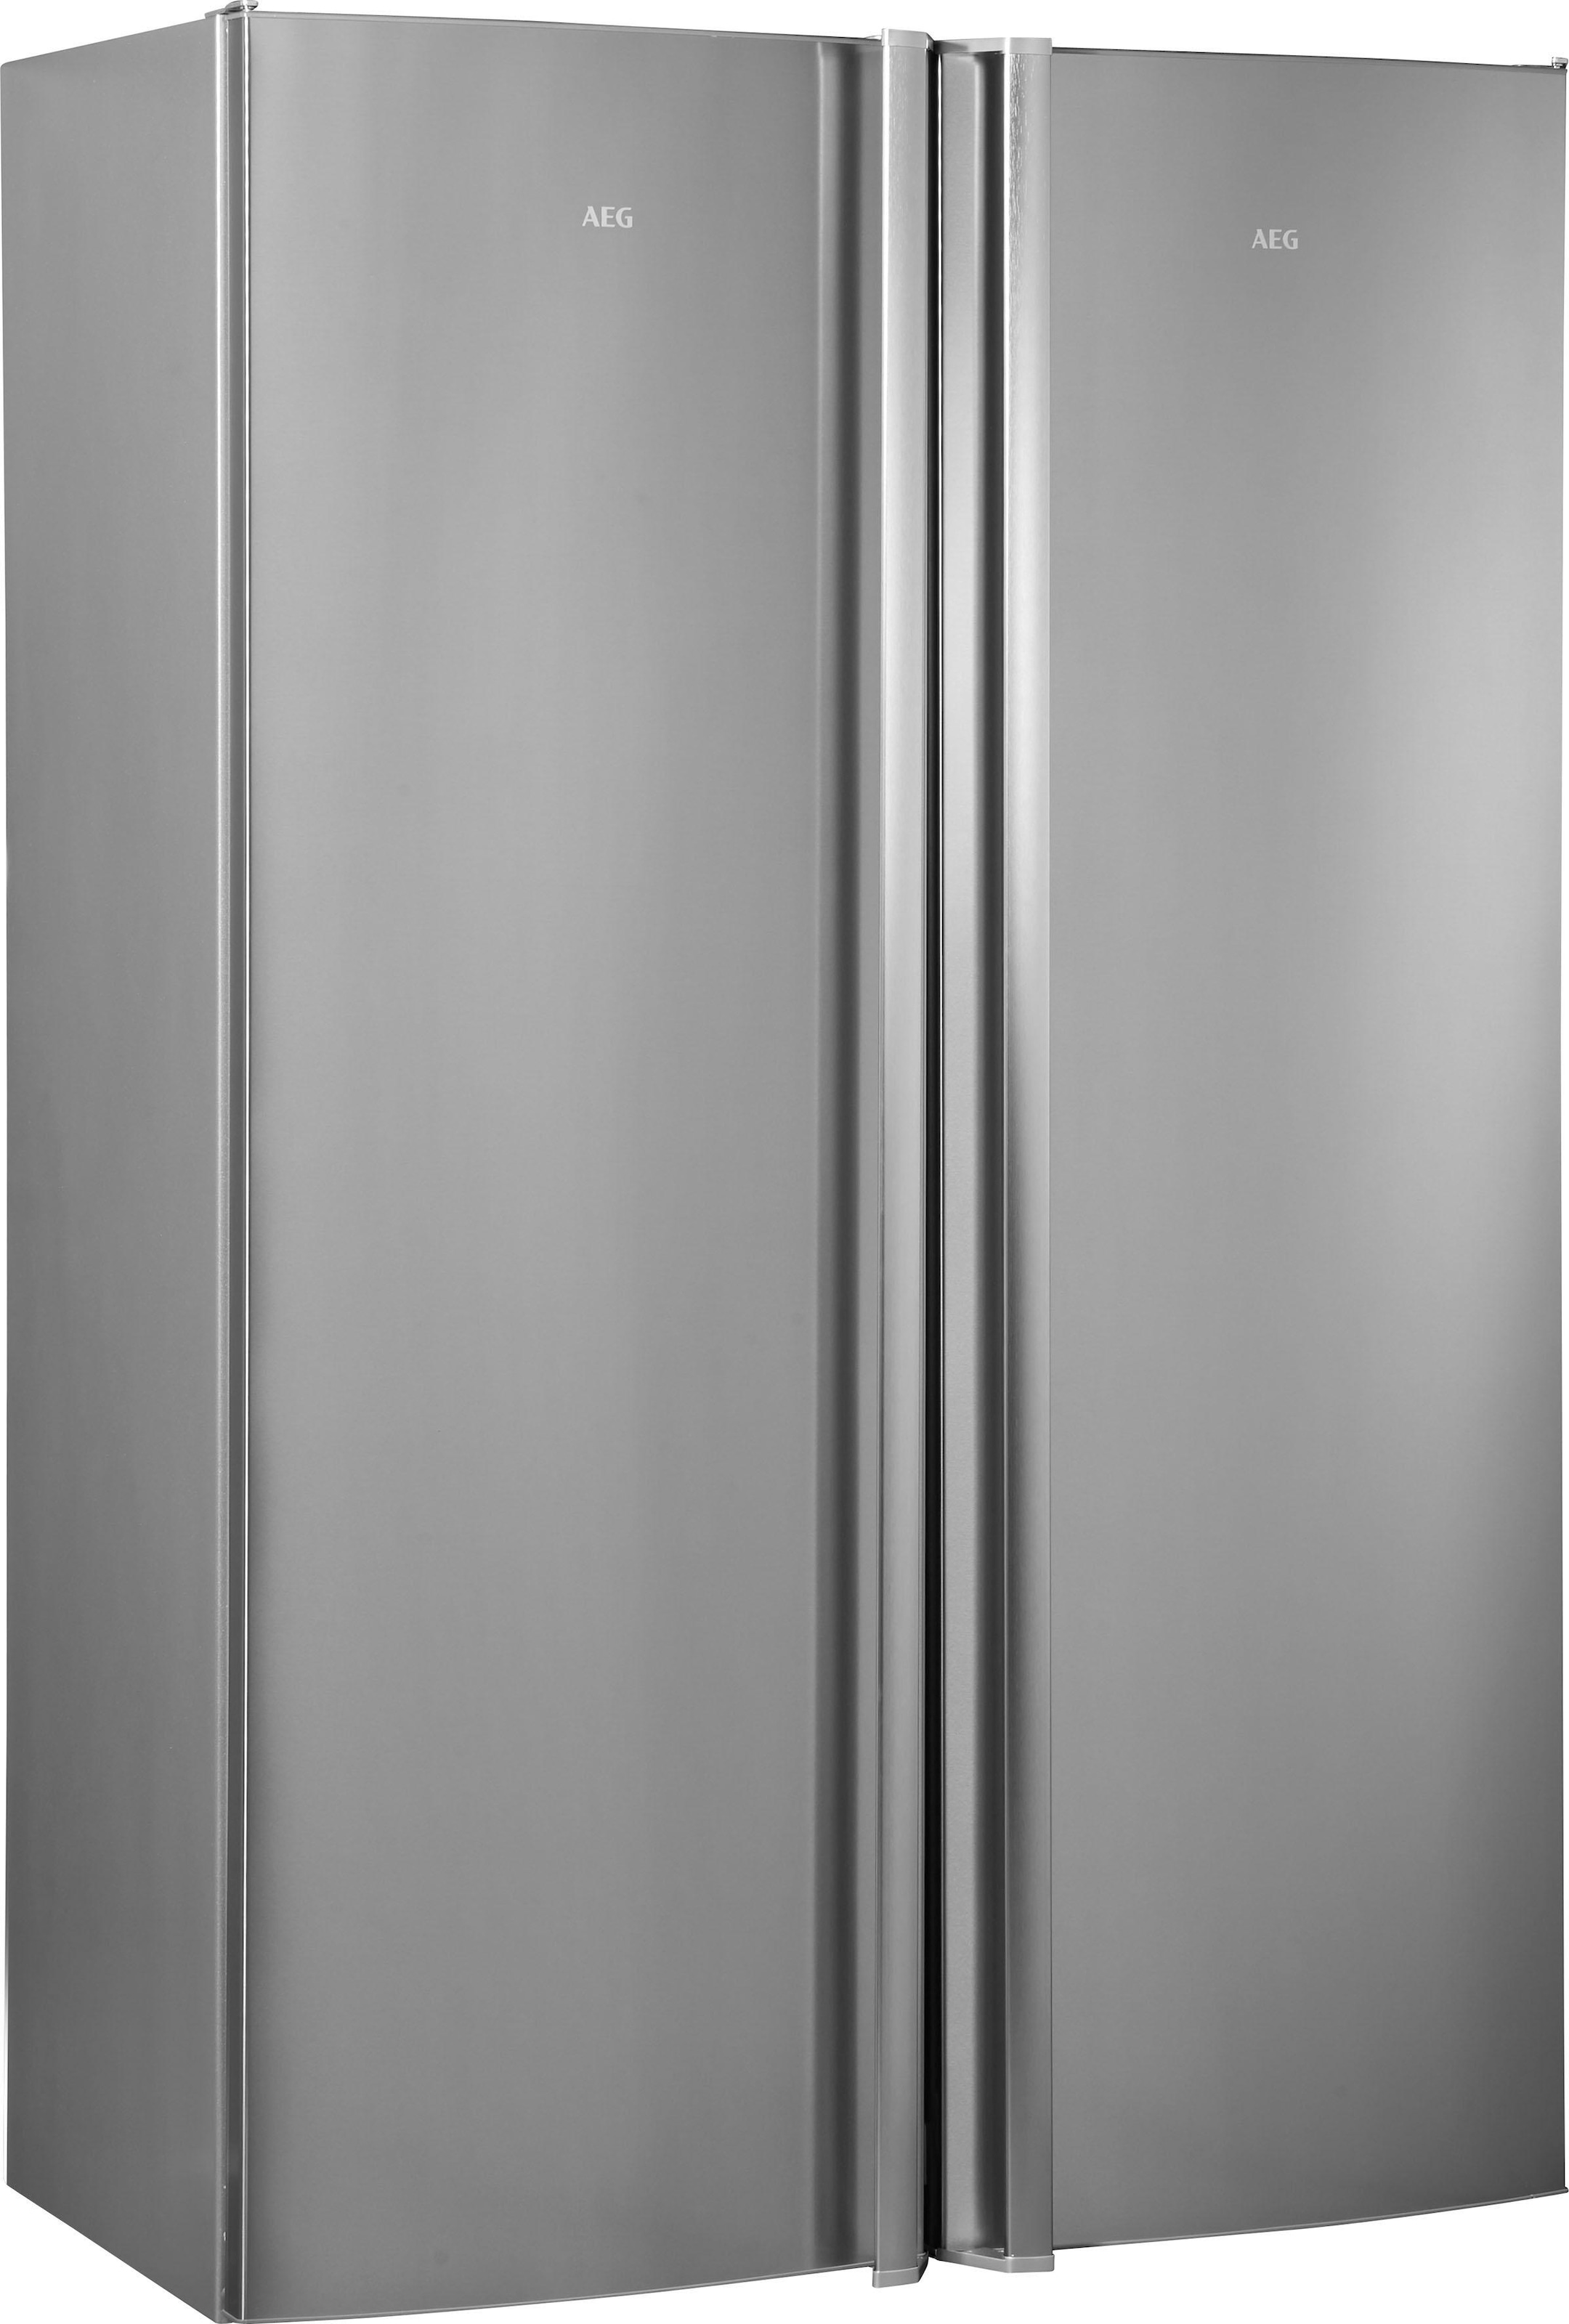 Aeg Kühlschrank Welche Stufe : Side by side kühlschrank auf rechnung raten kaufen